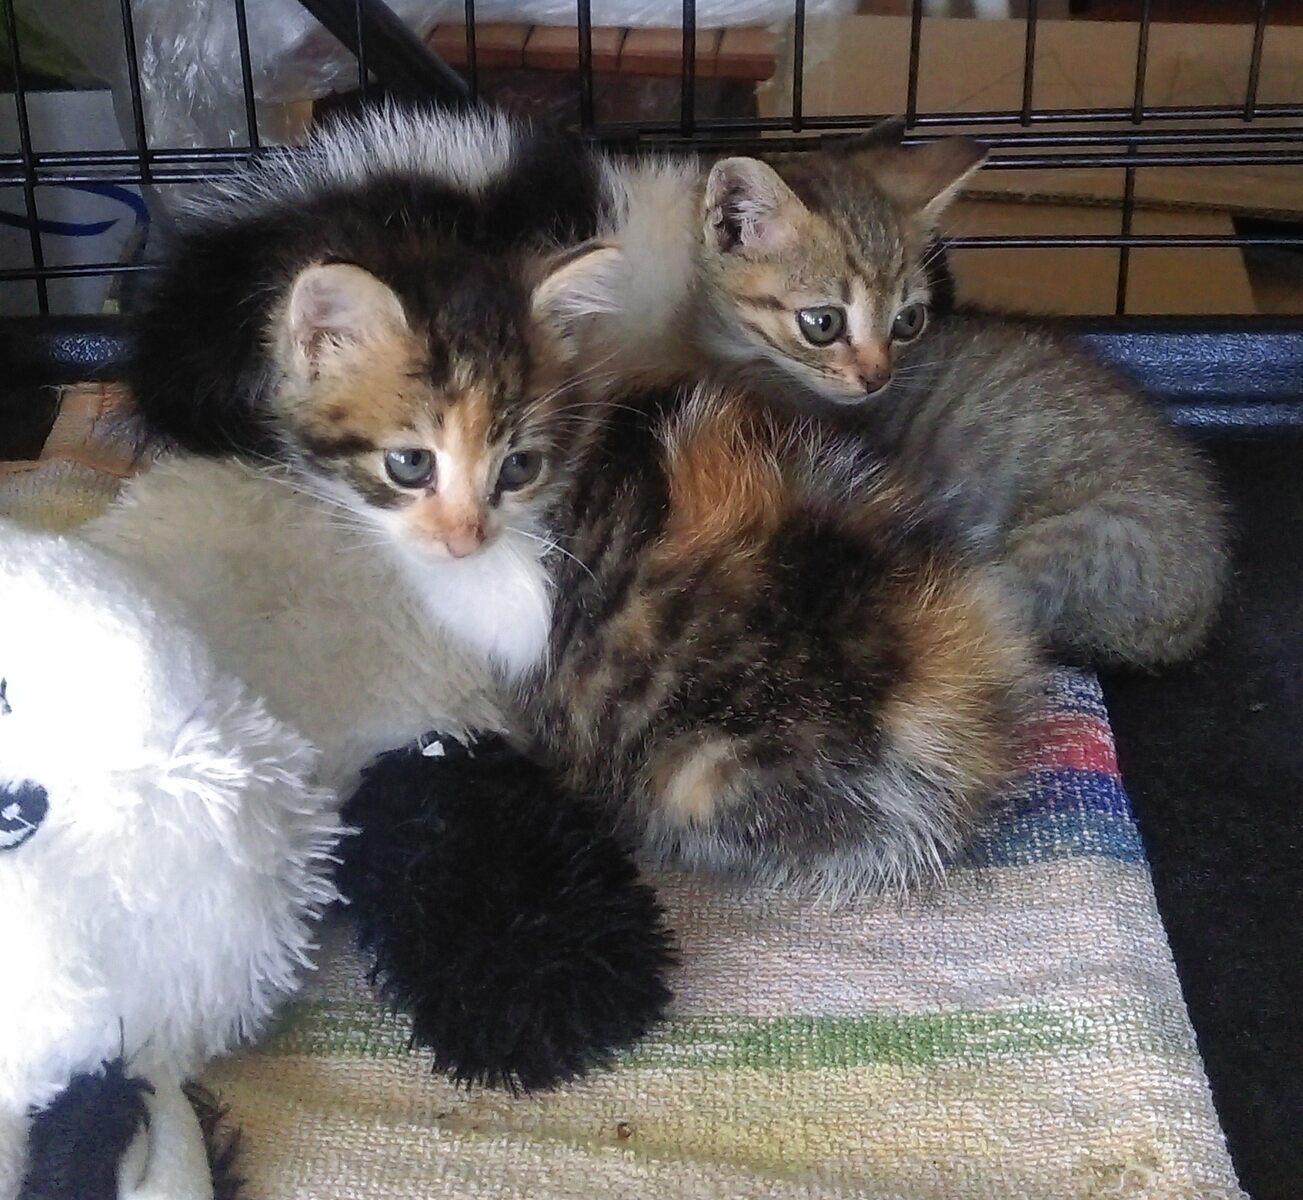 Kocięta do adopcji – pomóż znaleźć dla nich nowy dom!